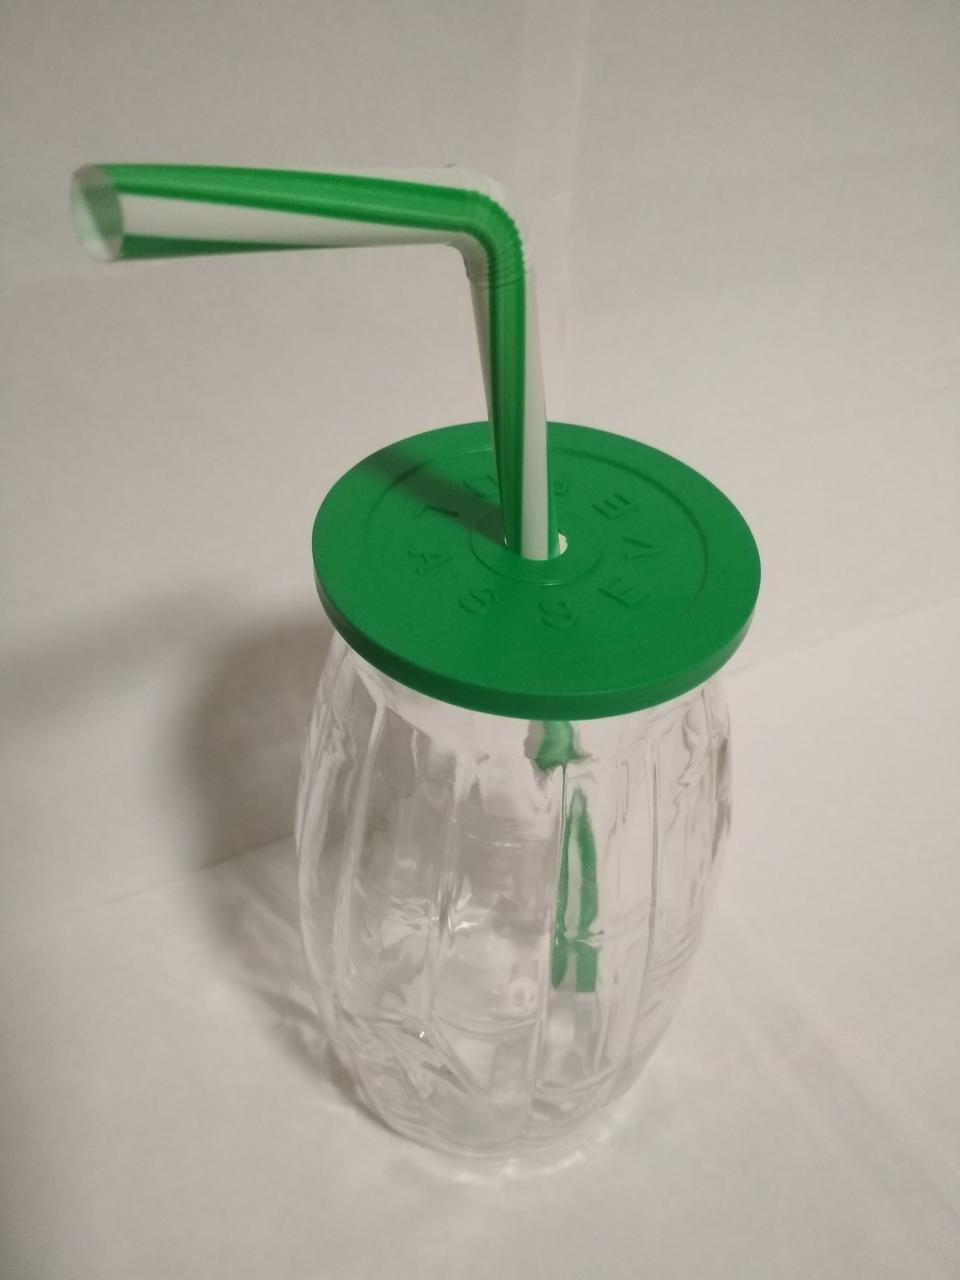 Стакан банка стеклянный для коктейлей 500 мл с зеленой пластиковой крышкой и трубочкой Bamboo UniGlass